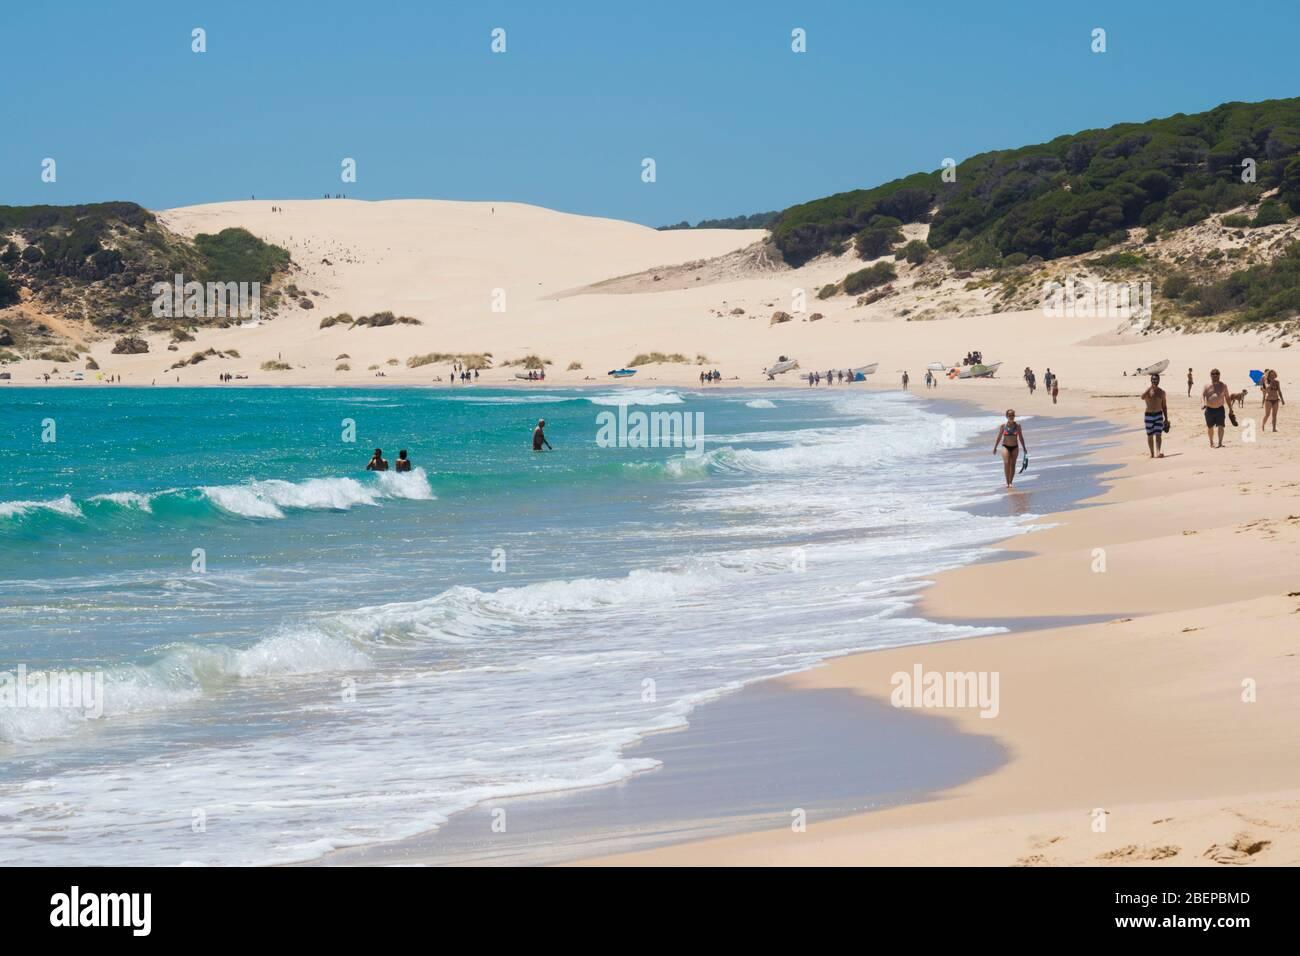 Bolonia, Costa de la Luz, Cádiz, Andalucía, sur de España. La playa de Bolonia. Playa de Bolonia. En el fondo se encuentra la duna de Bolonia, oh Foto de stock